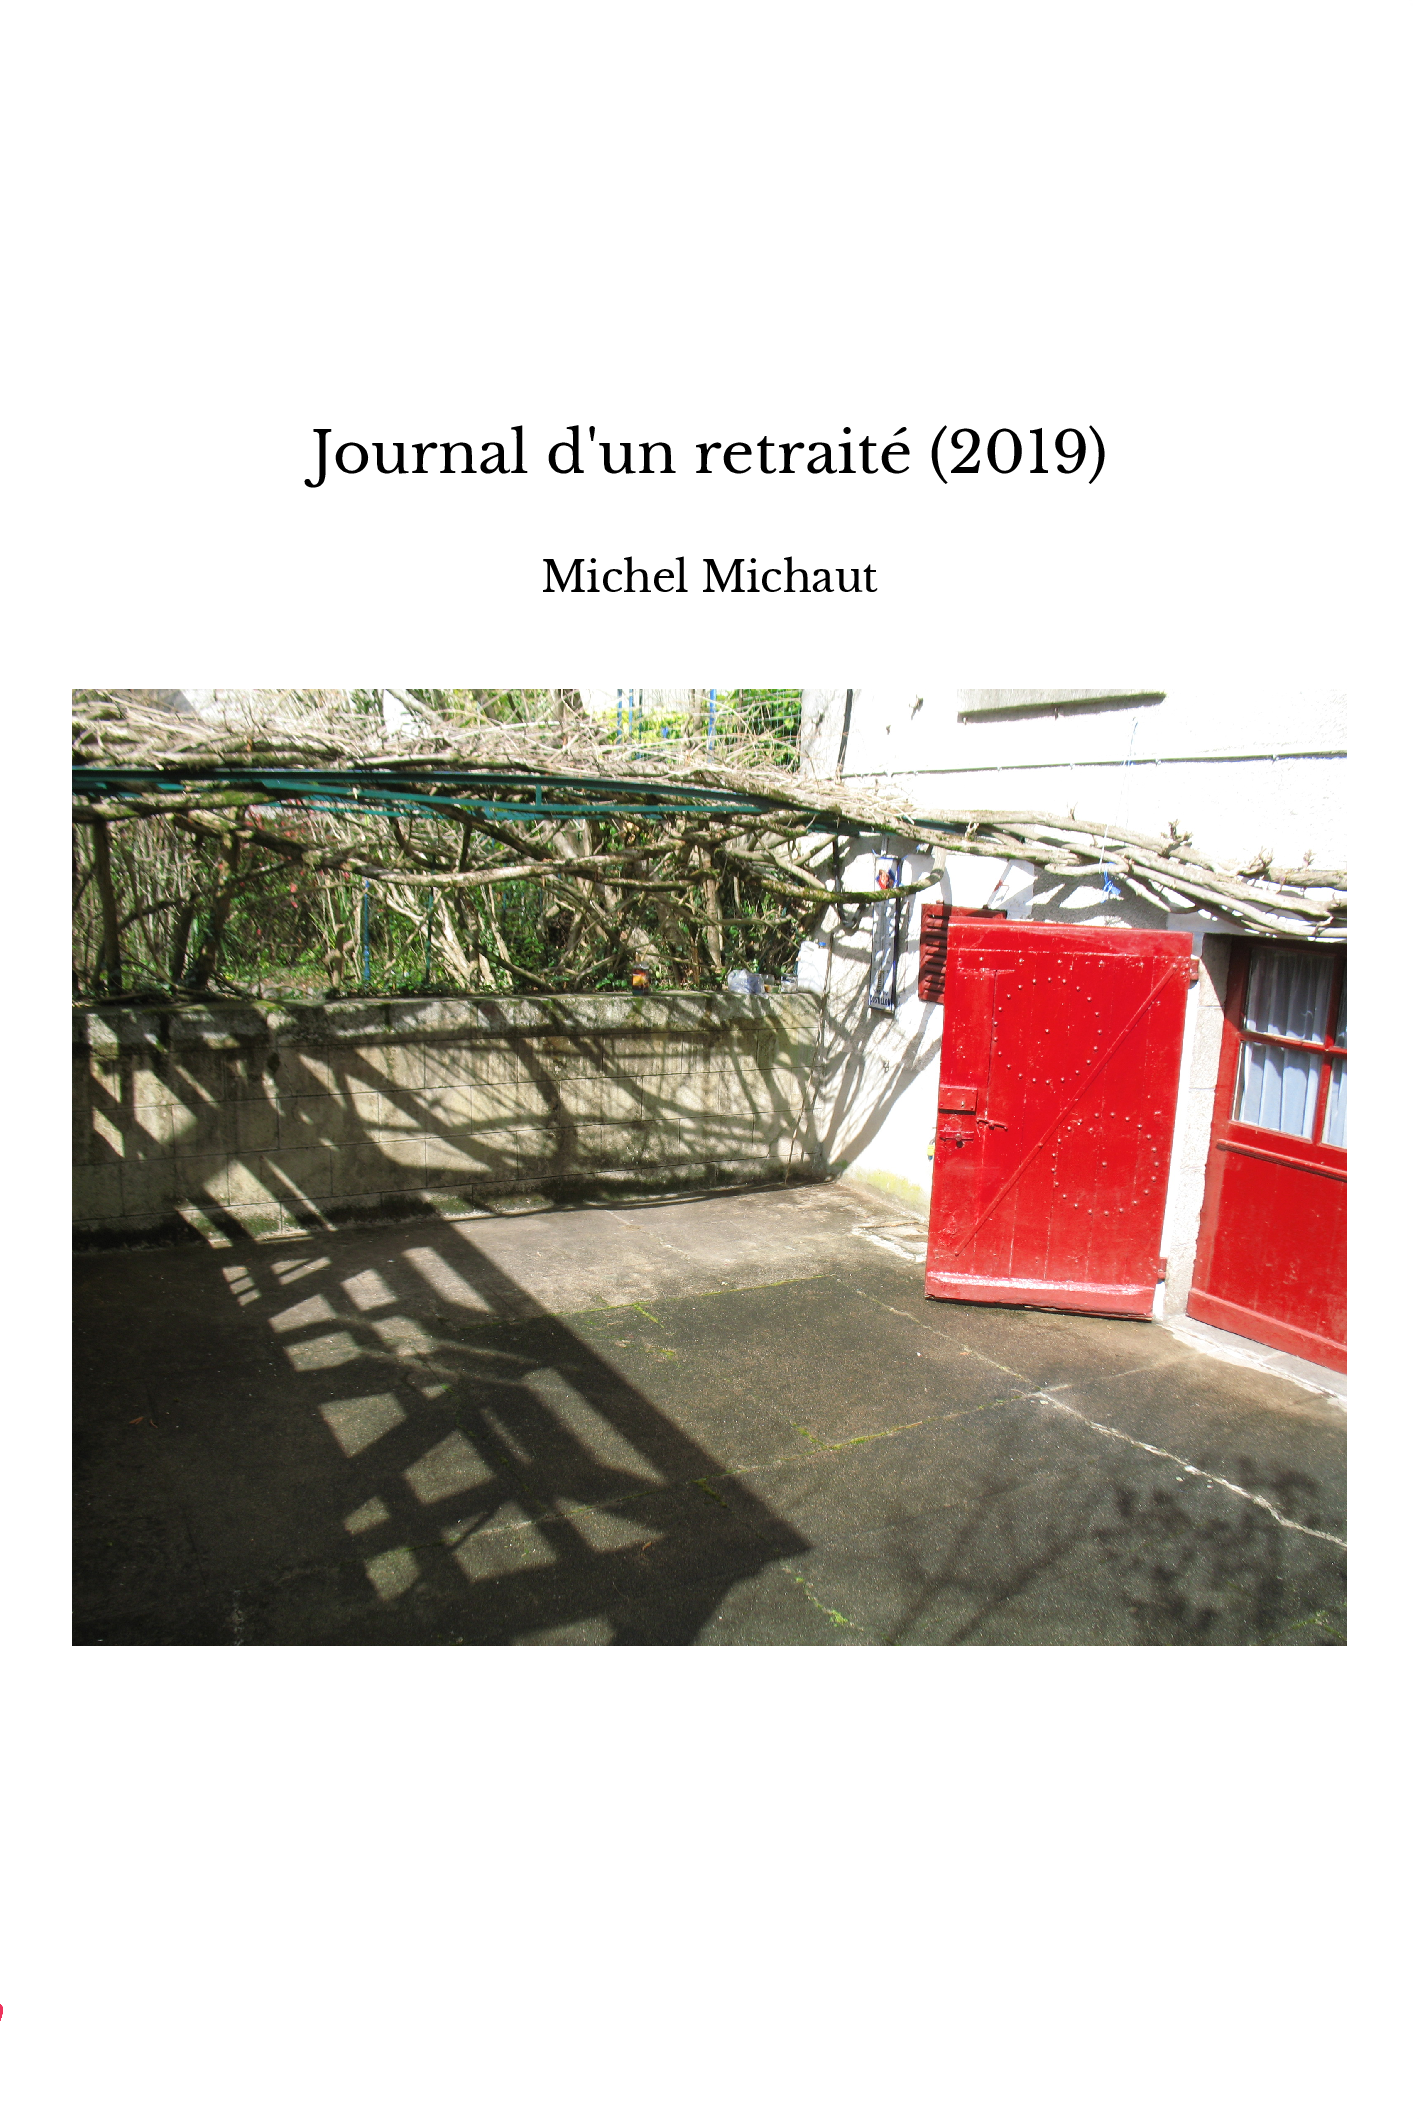 Journal d'un retraité (2019)